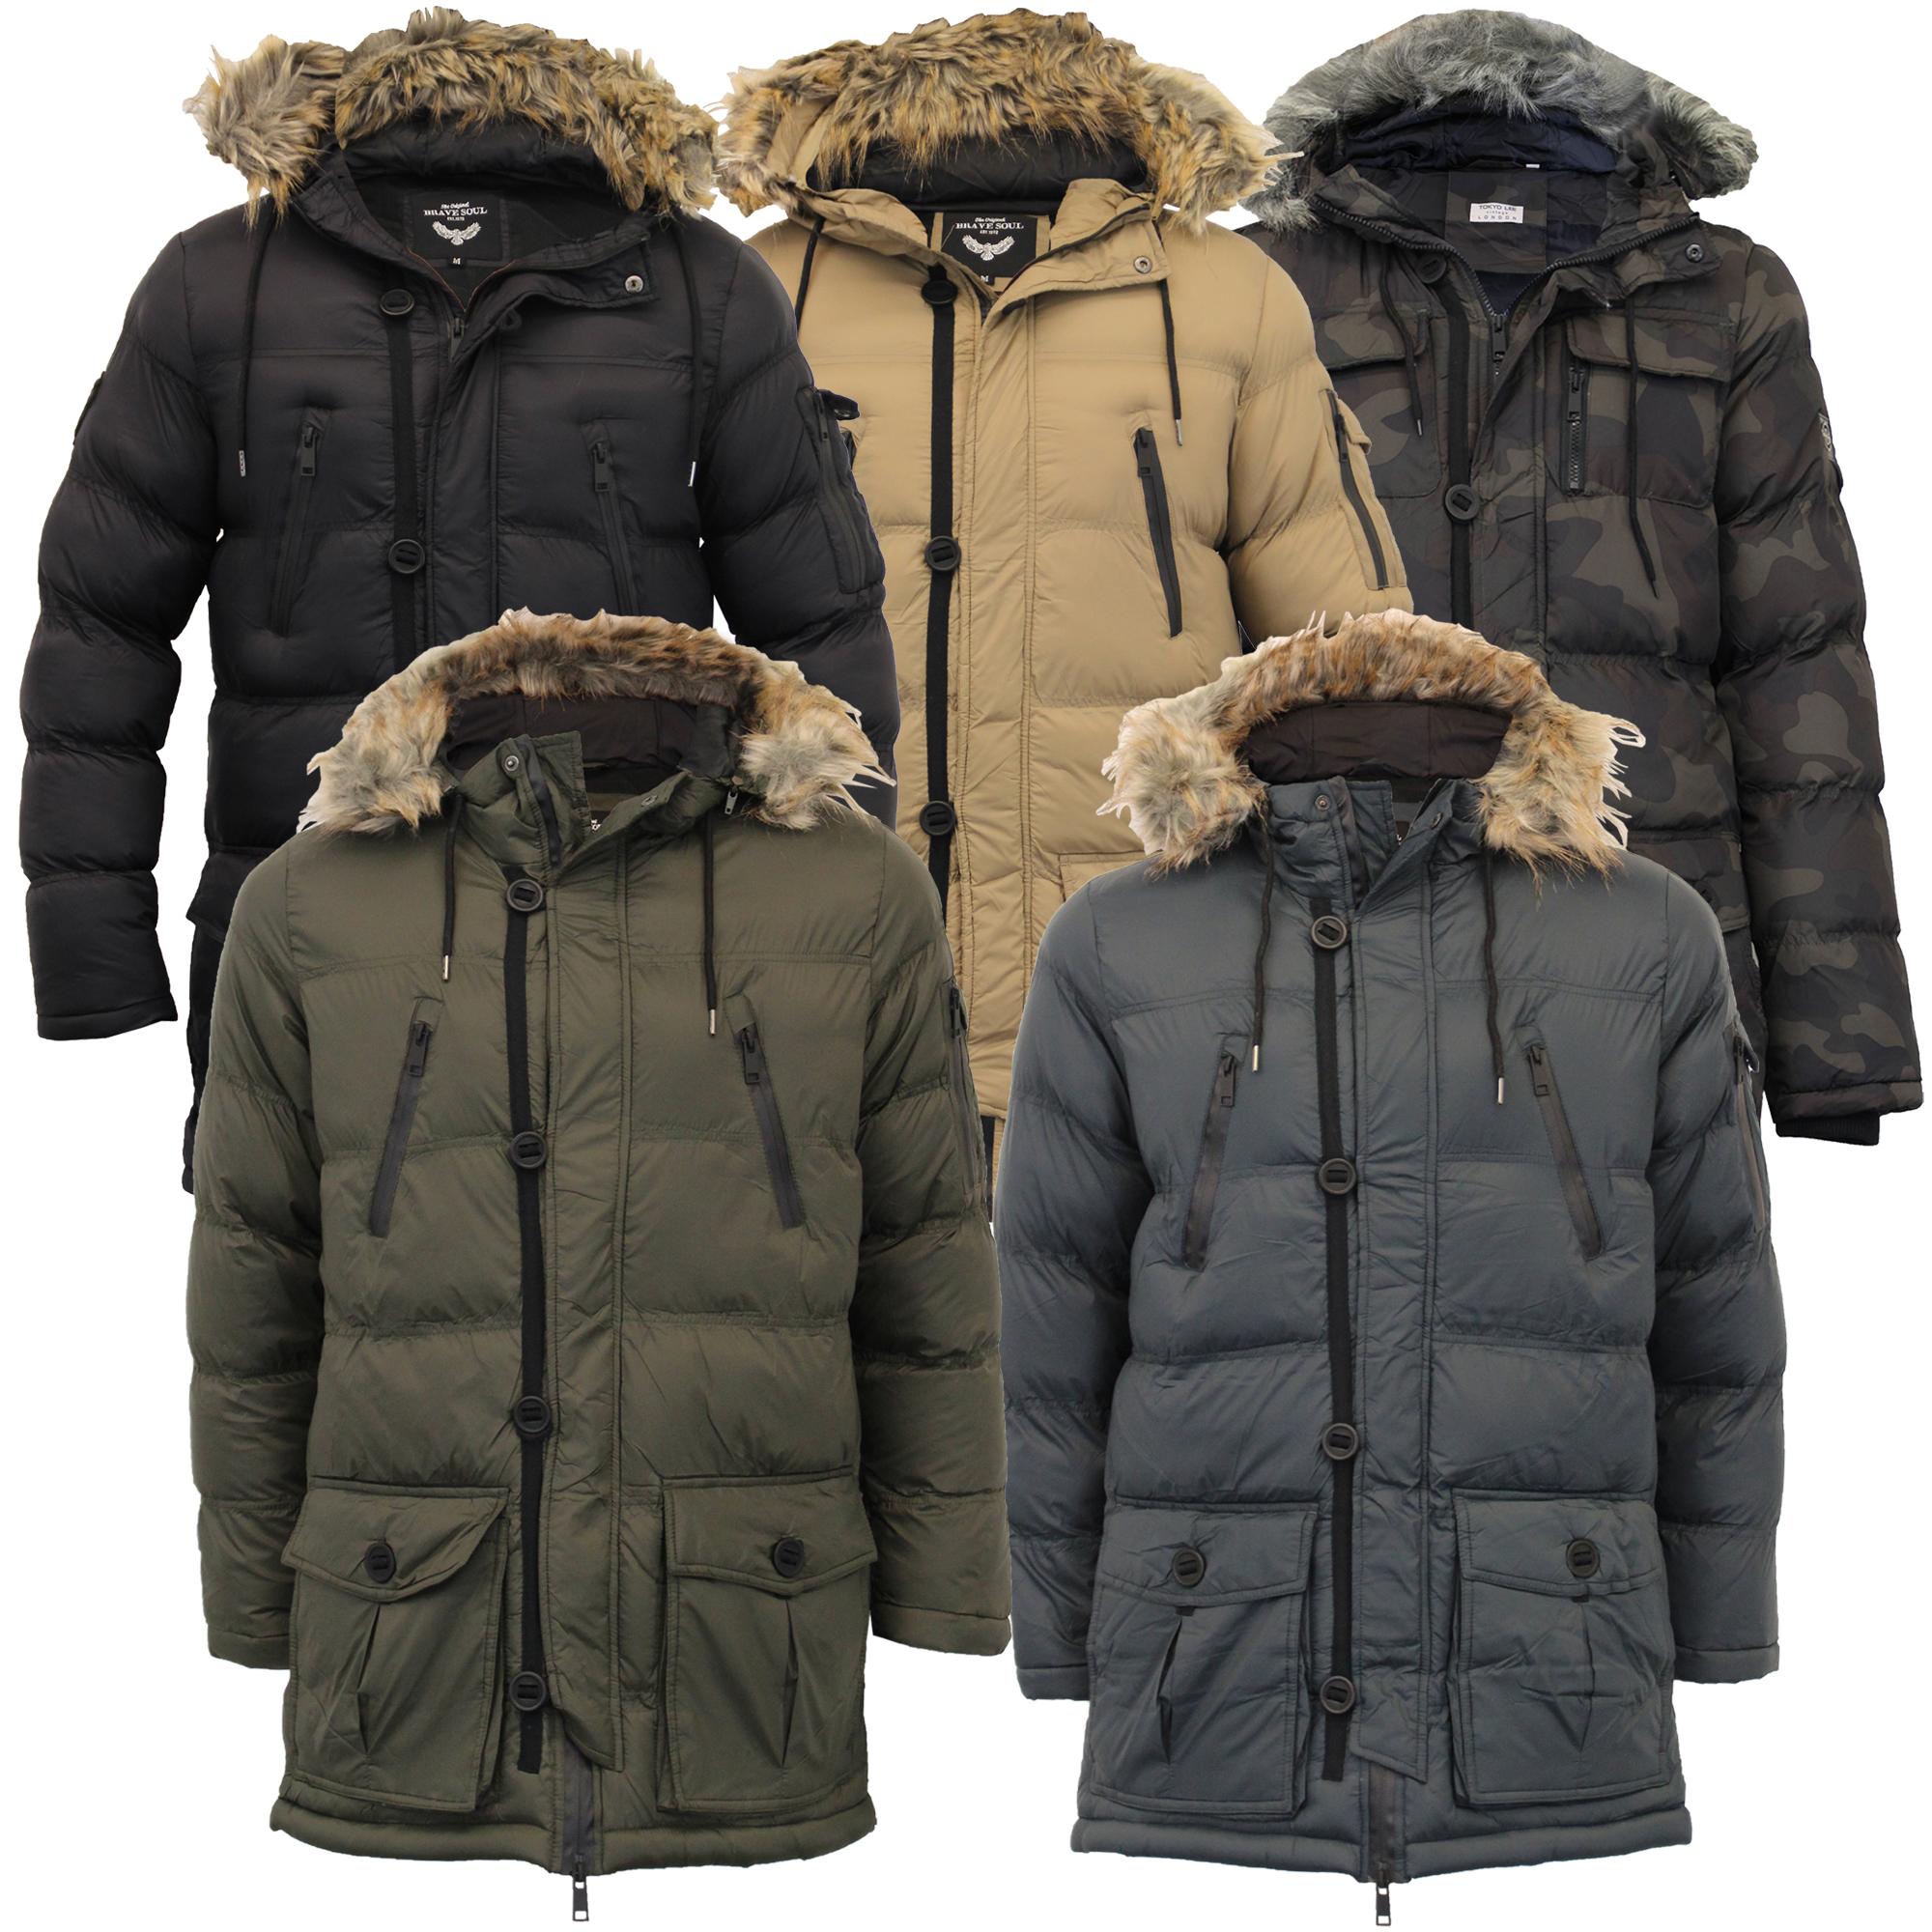 e24d77b5c Details about Mens Bubble Parka Jacket Brave Soul Coat Camo Military Hoodie  Fur Padded Winter